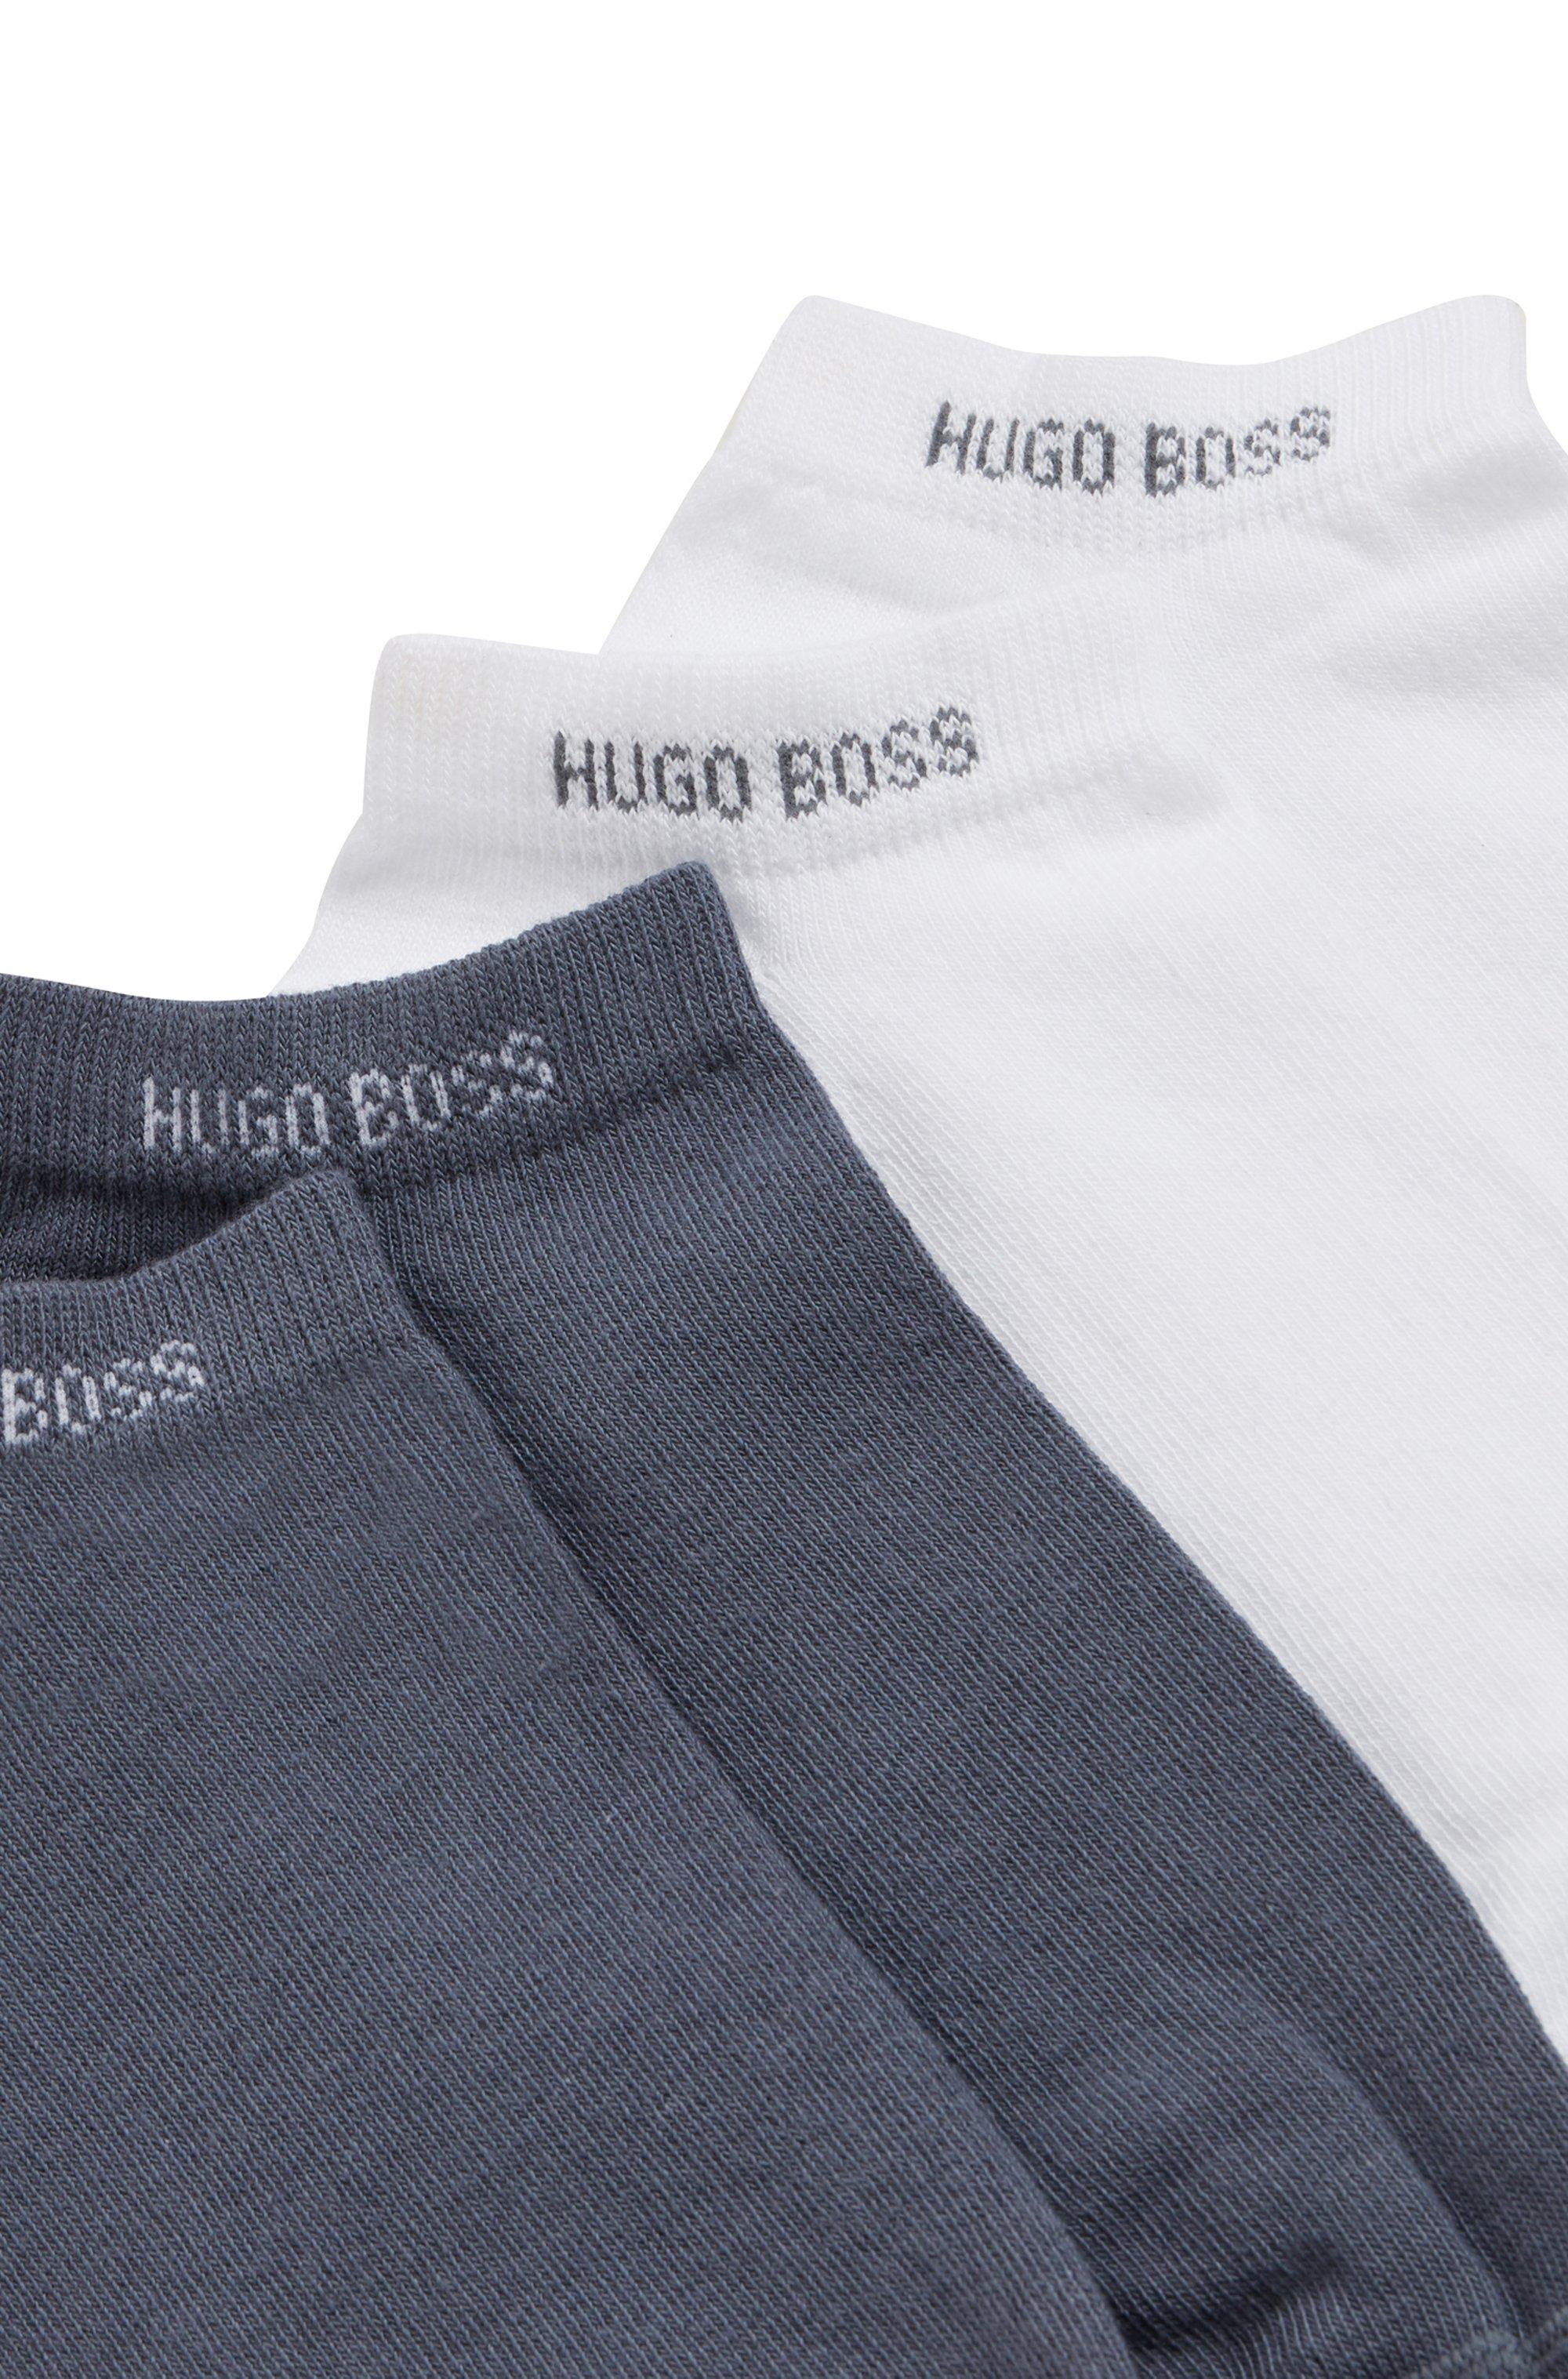 Zweier-Pack Sneakers-Socken aus elastischem Baumwoll-Mix